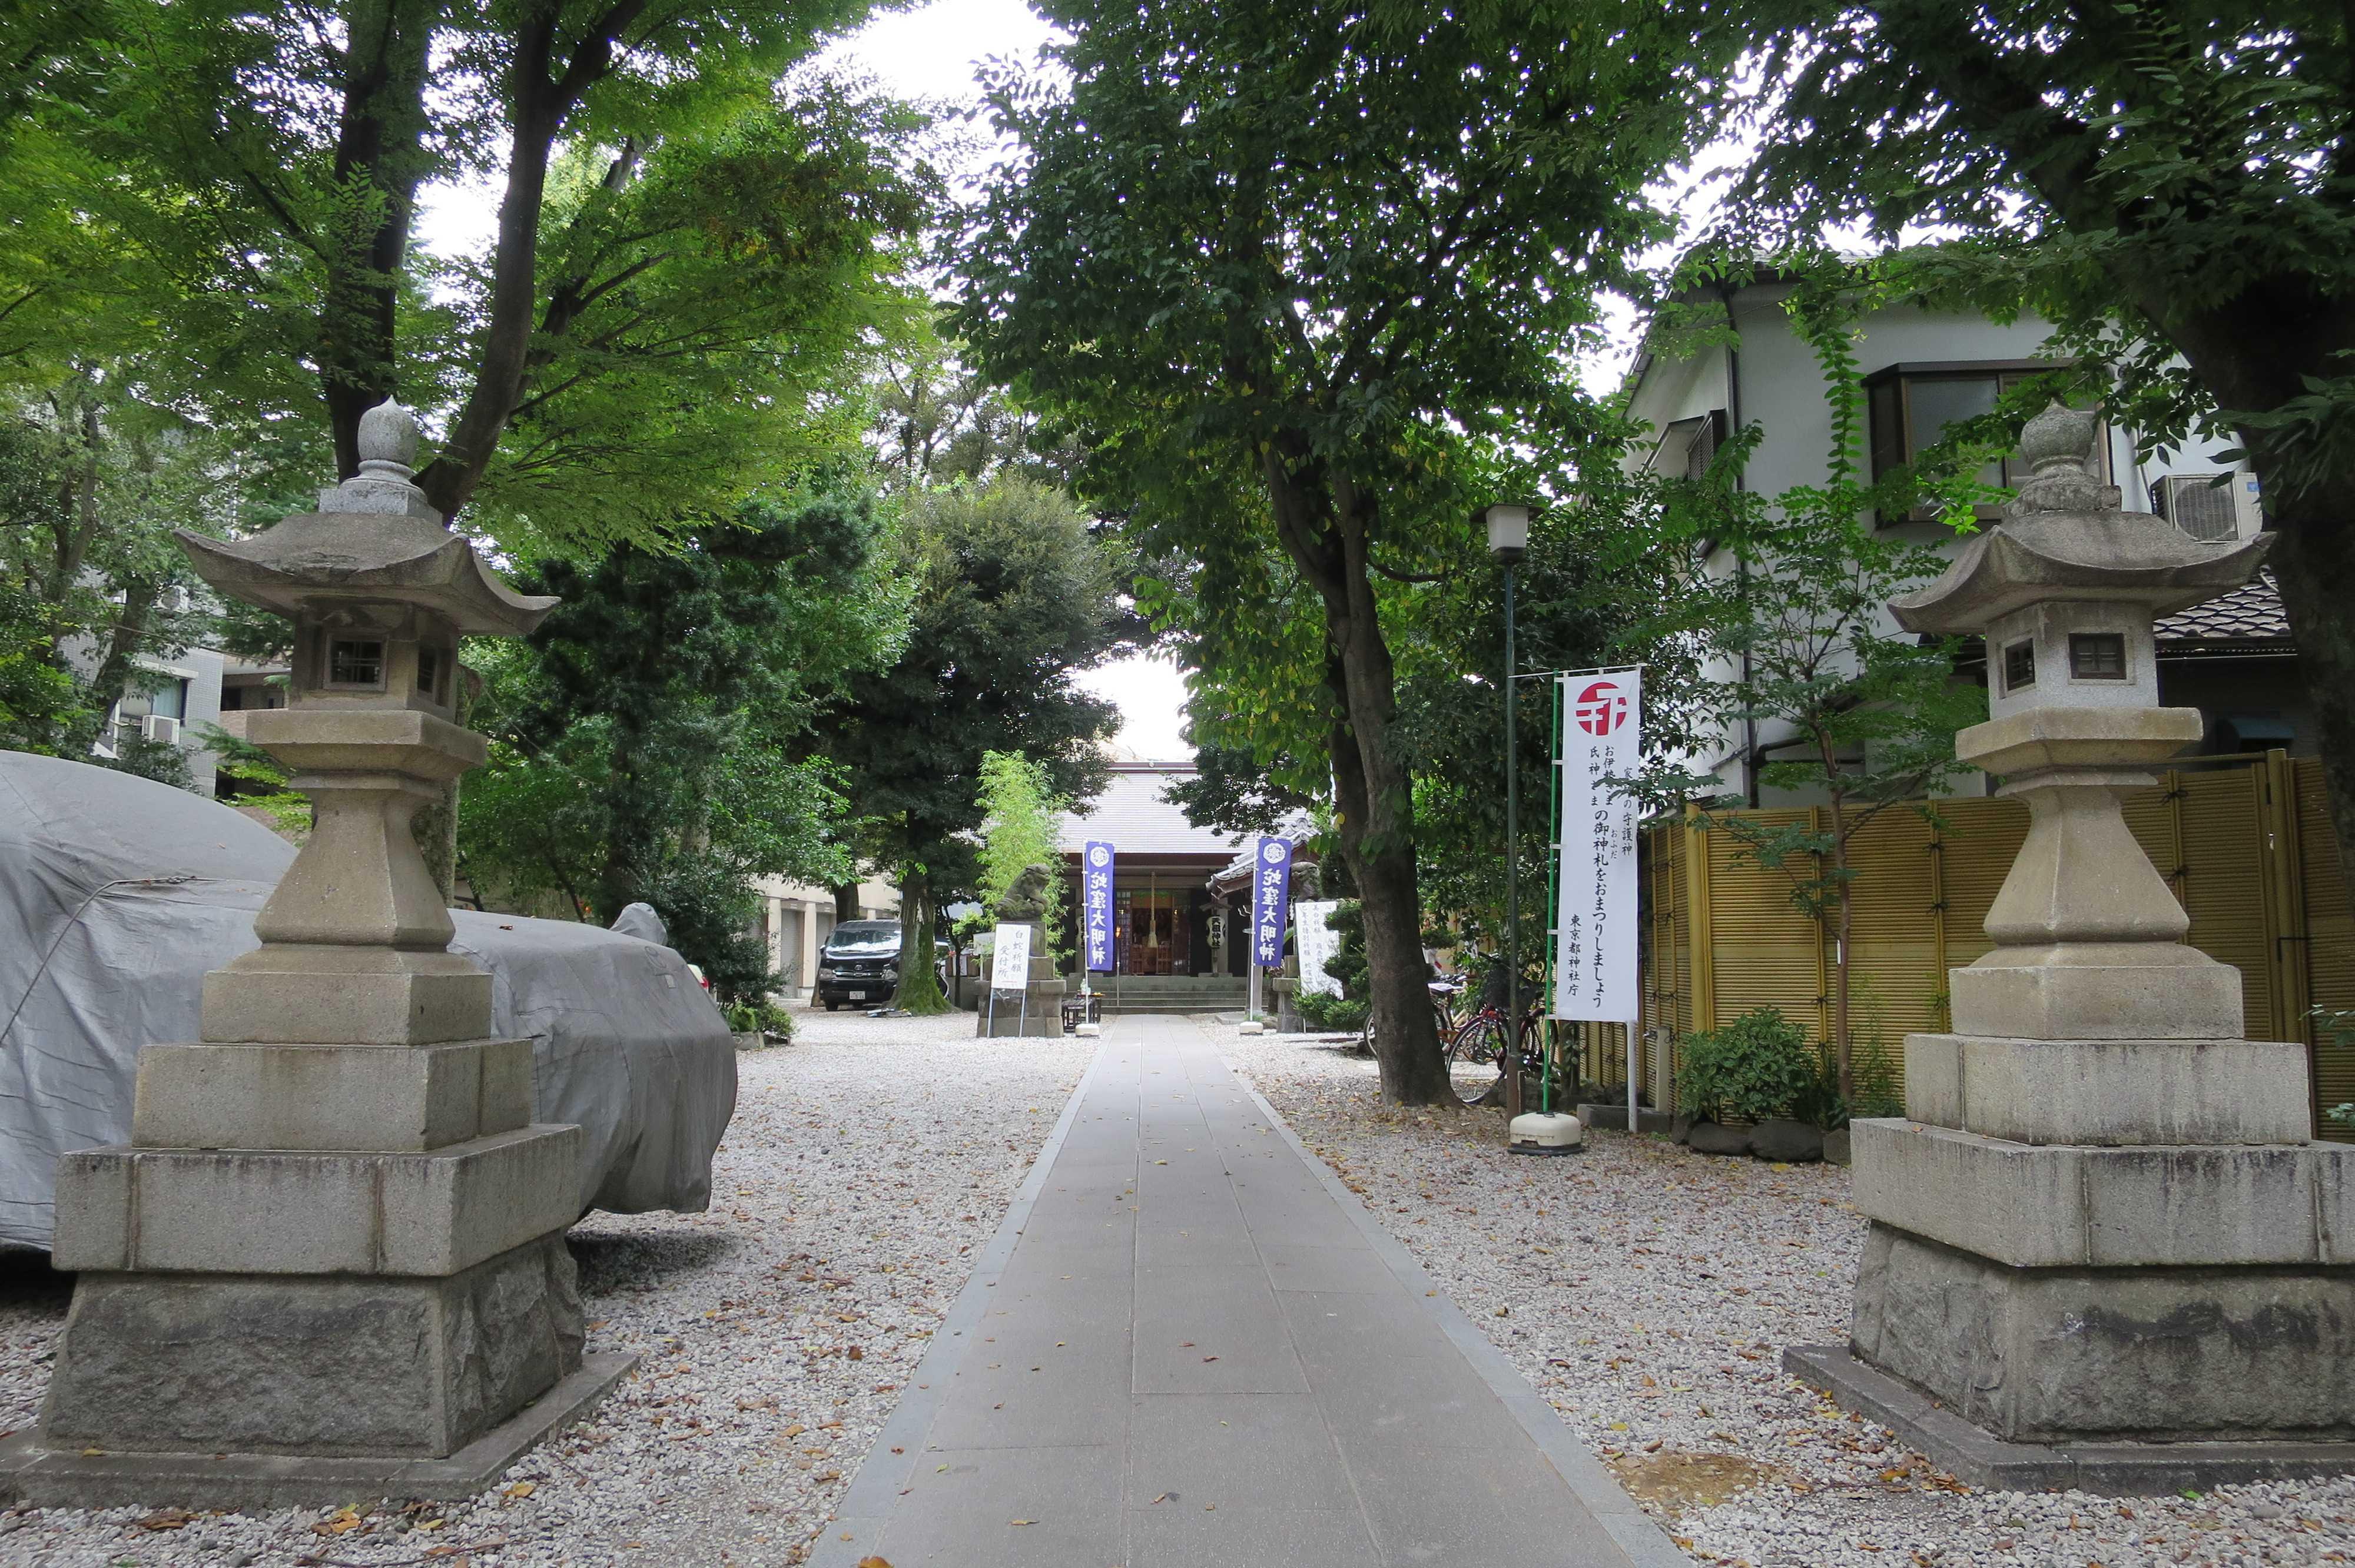 蛇窪大明神(上神明天祖神社)の境内の参道